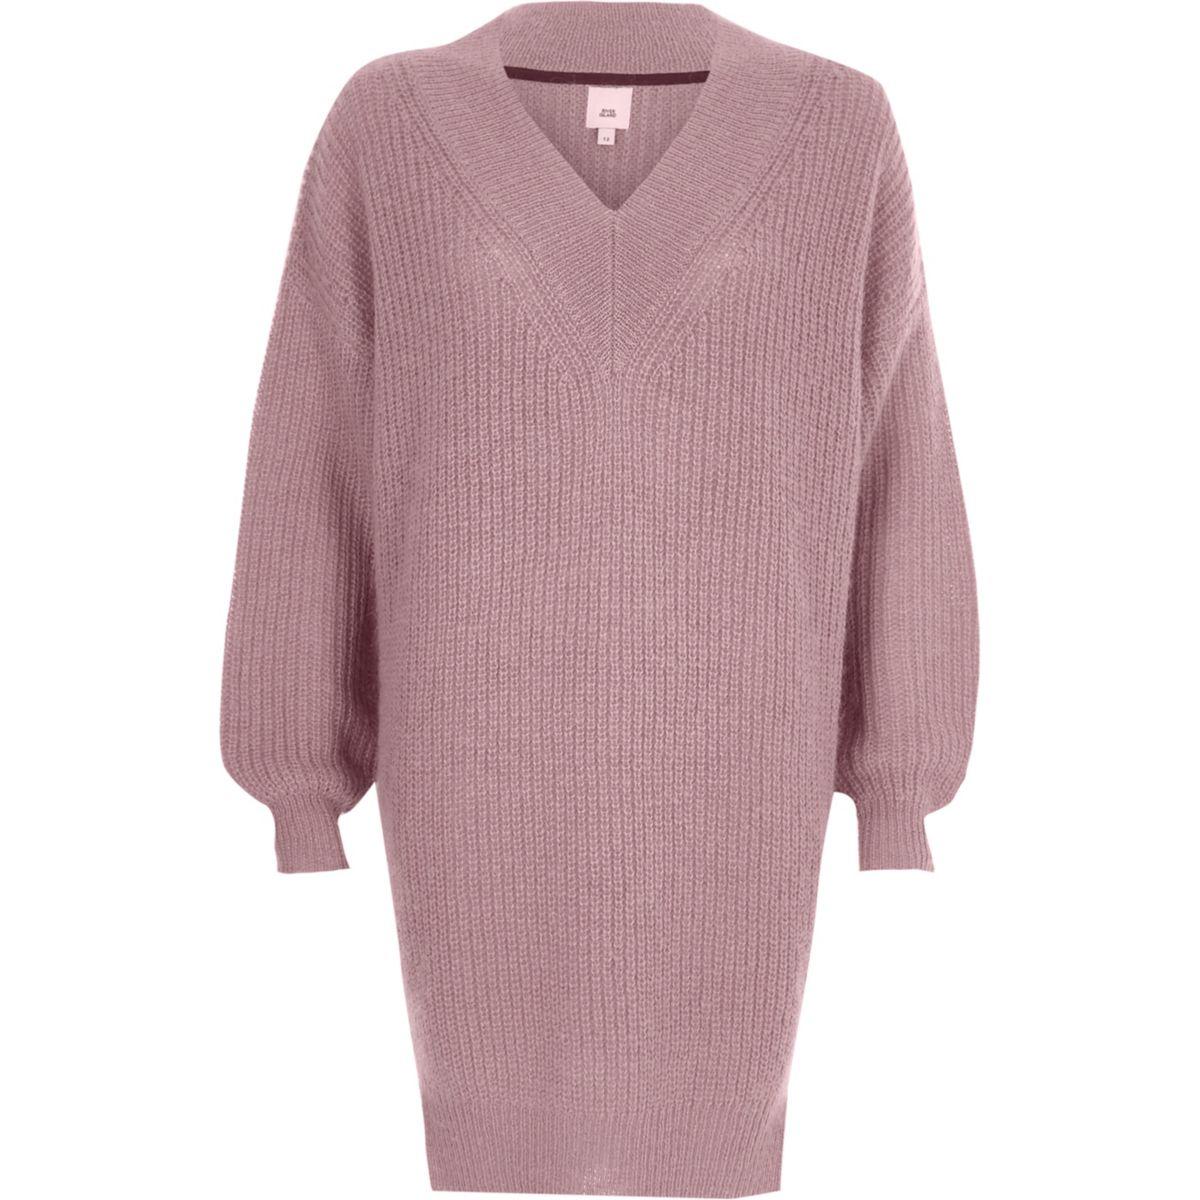 Pulloverkleid aus Strick mit V-Ausschnitt in Altrosa